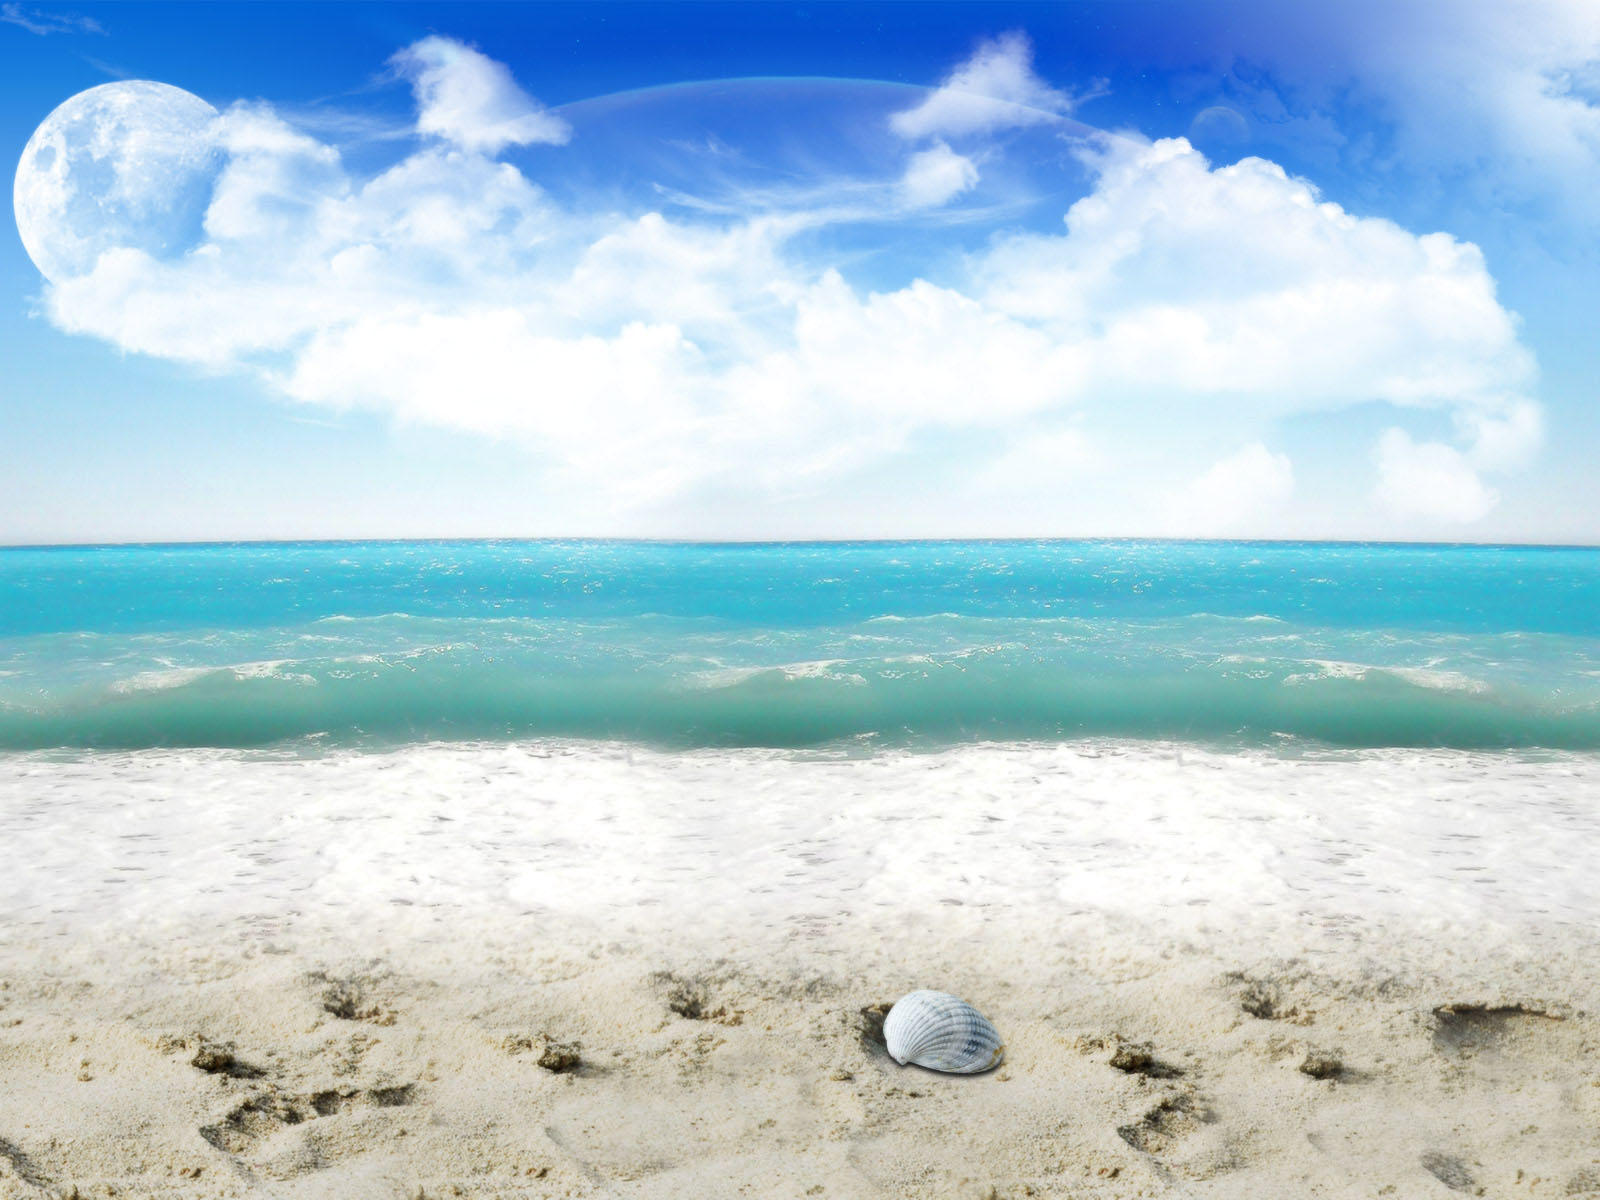 sand wallpaper beautiful photos - photo #17